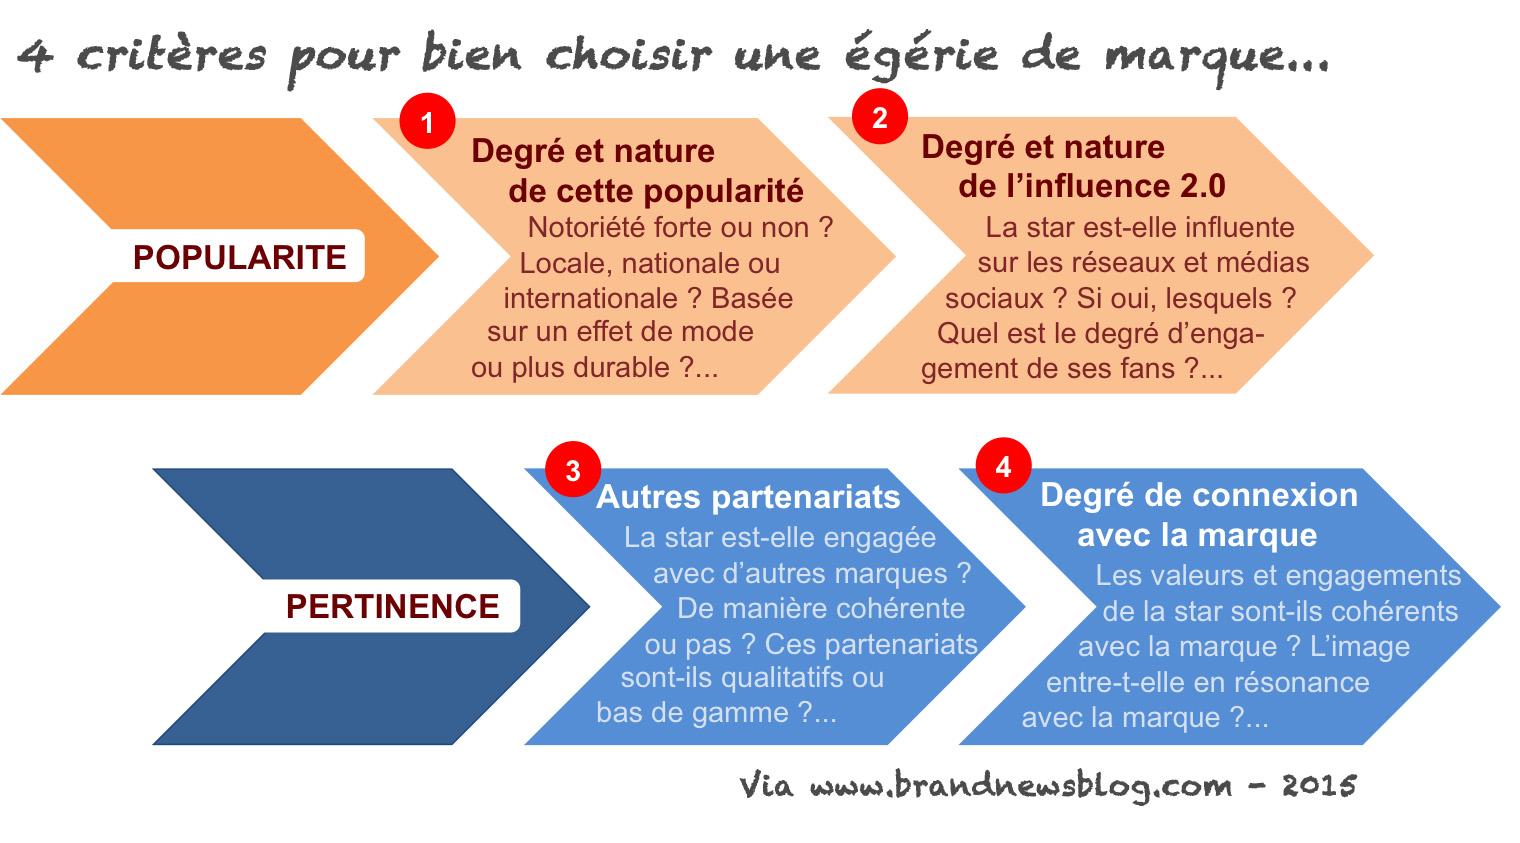 Personal branding – The brandnewsblog l Le blog des marques et du ... a3168a8f883a